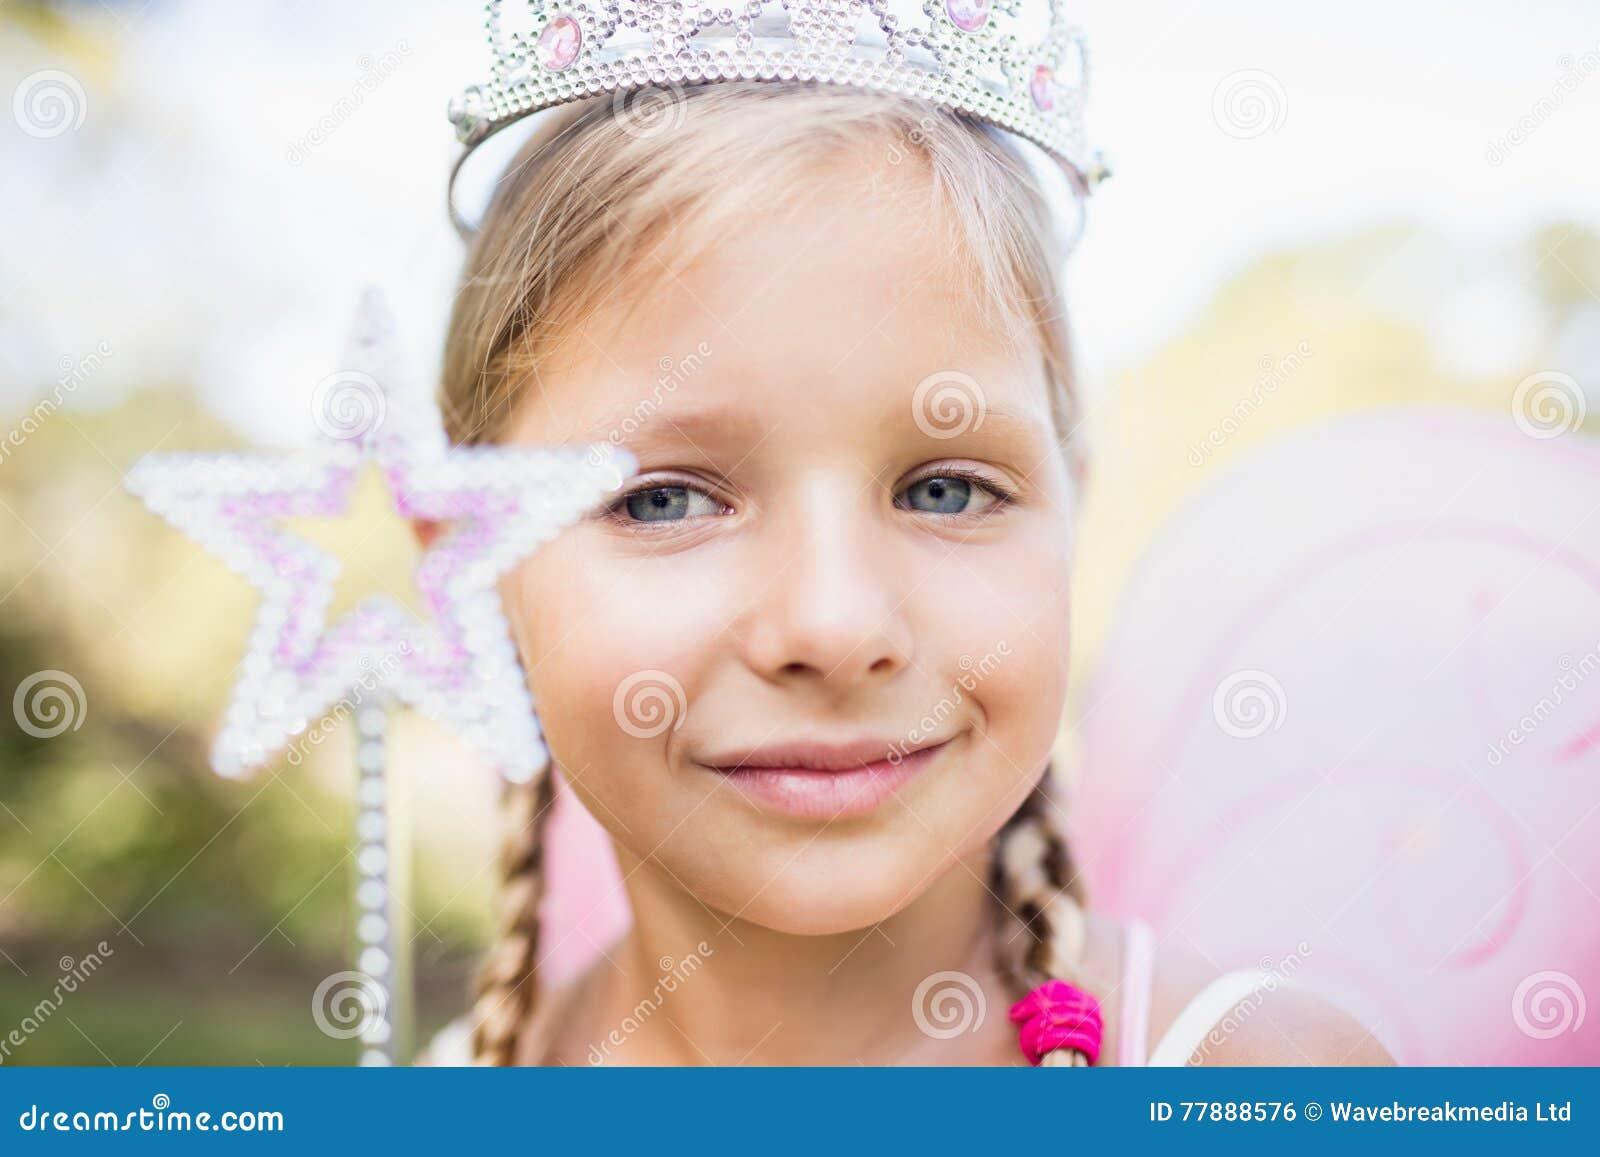 Retrato De La Muchacha Adorable Que Finge Ser Una Princesa Foto de archivo